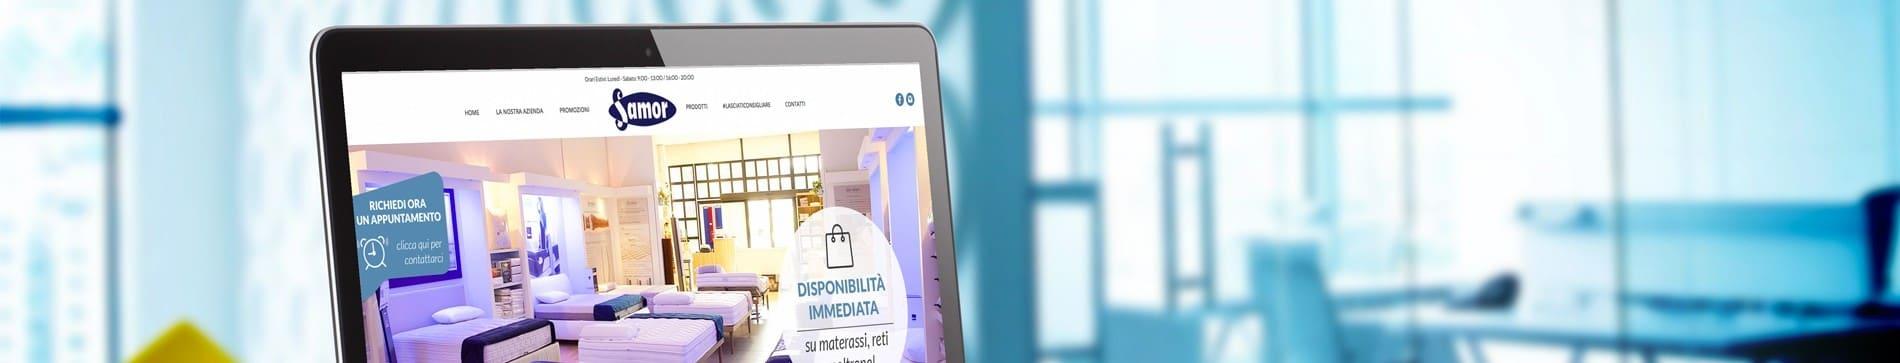 Materassi roma il sito di samor cambia look slide